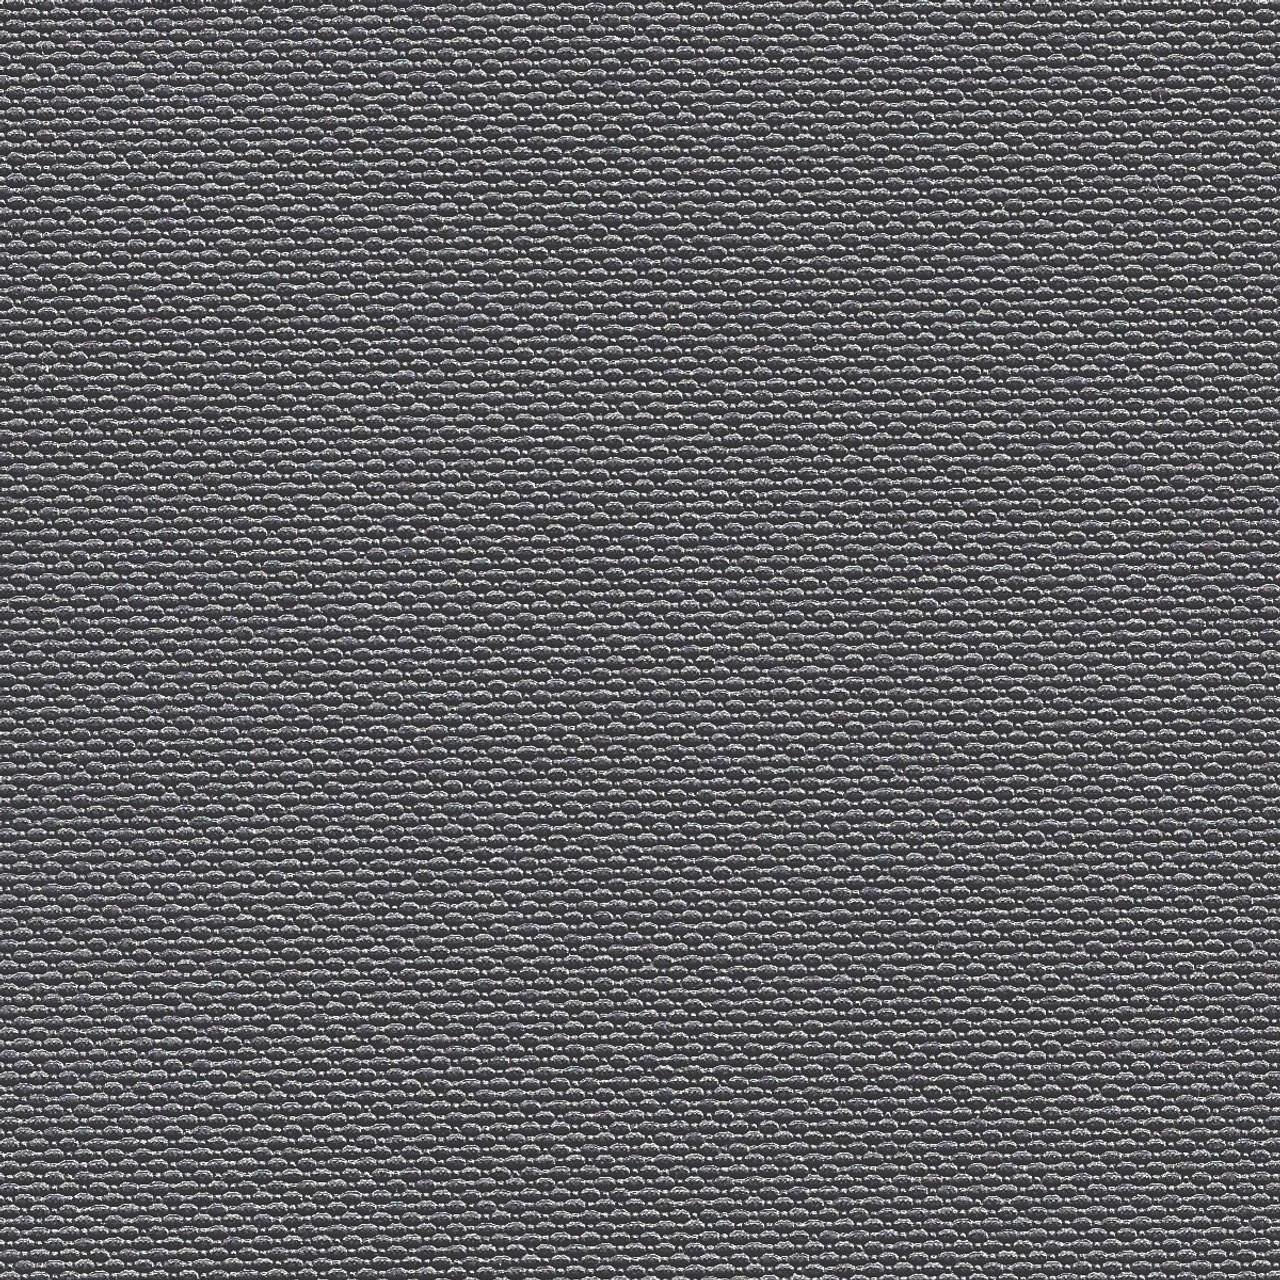 Trexx TRE-1507 Gear